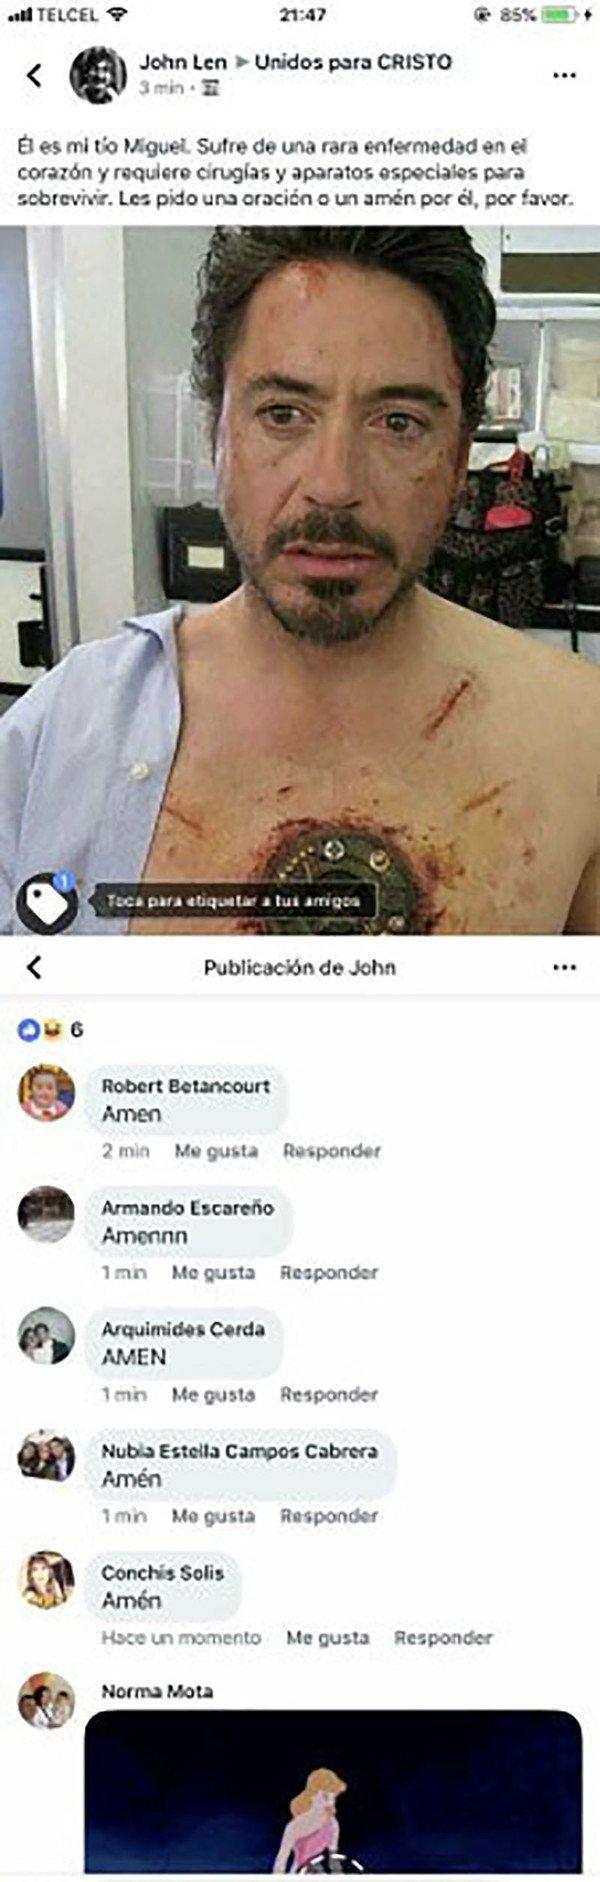 Meme_otros - Publican esta foto de Tony Stark en Facebook y los comentarios son para partirse de risa